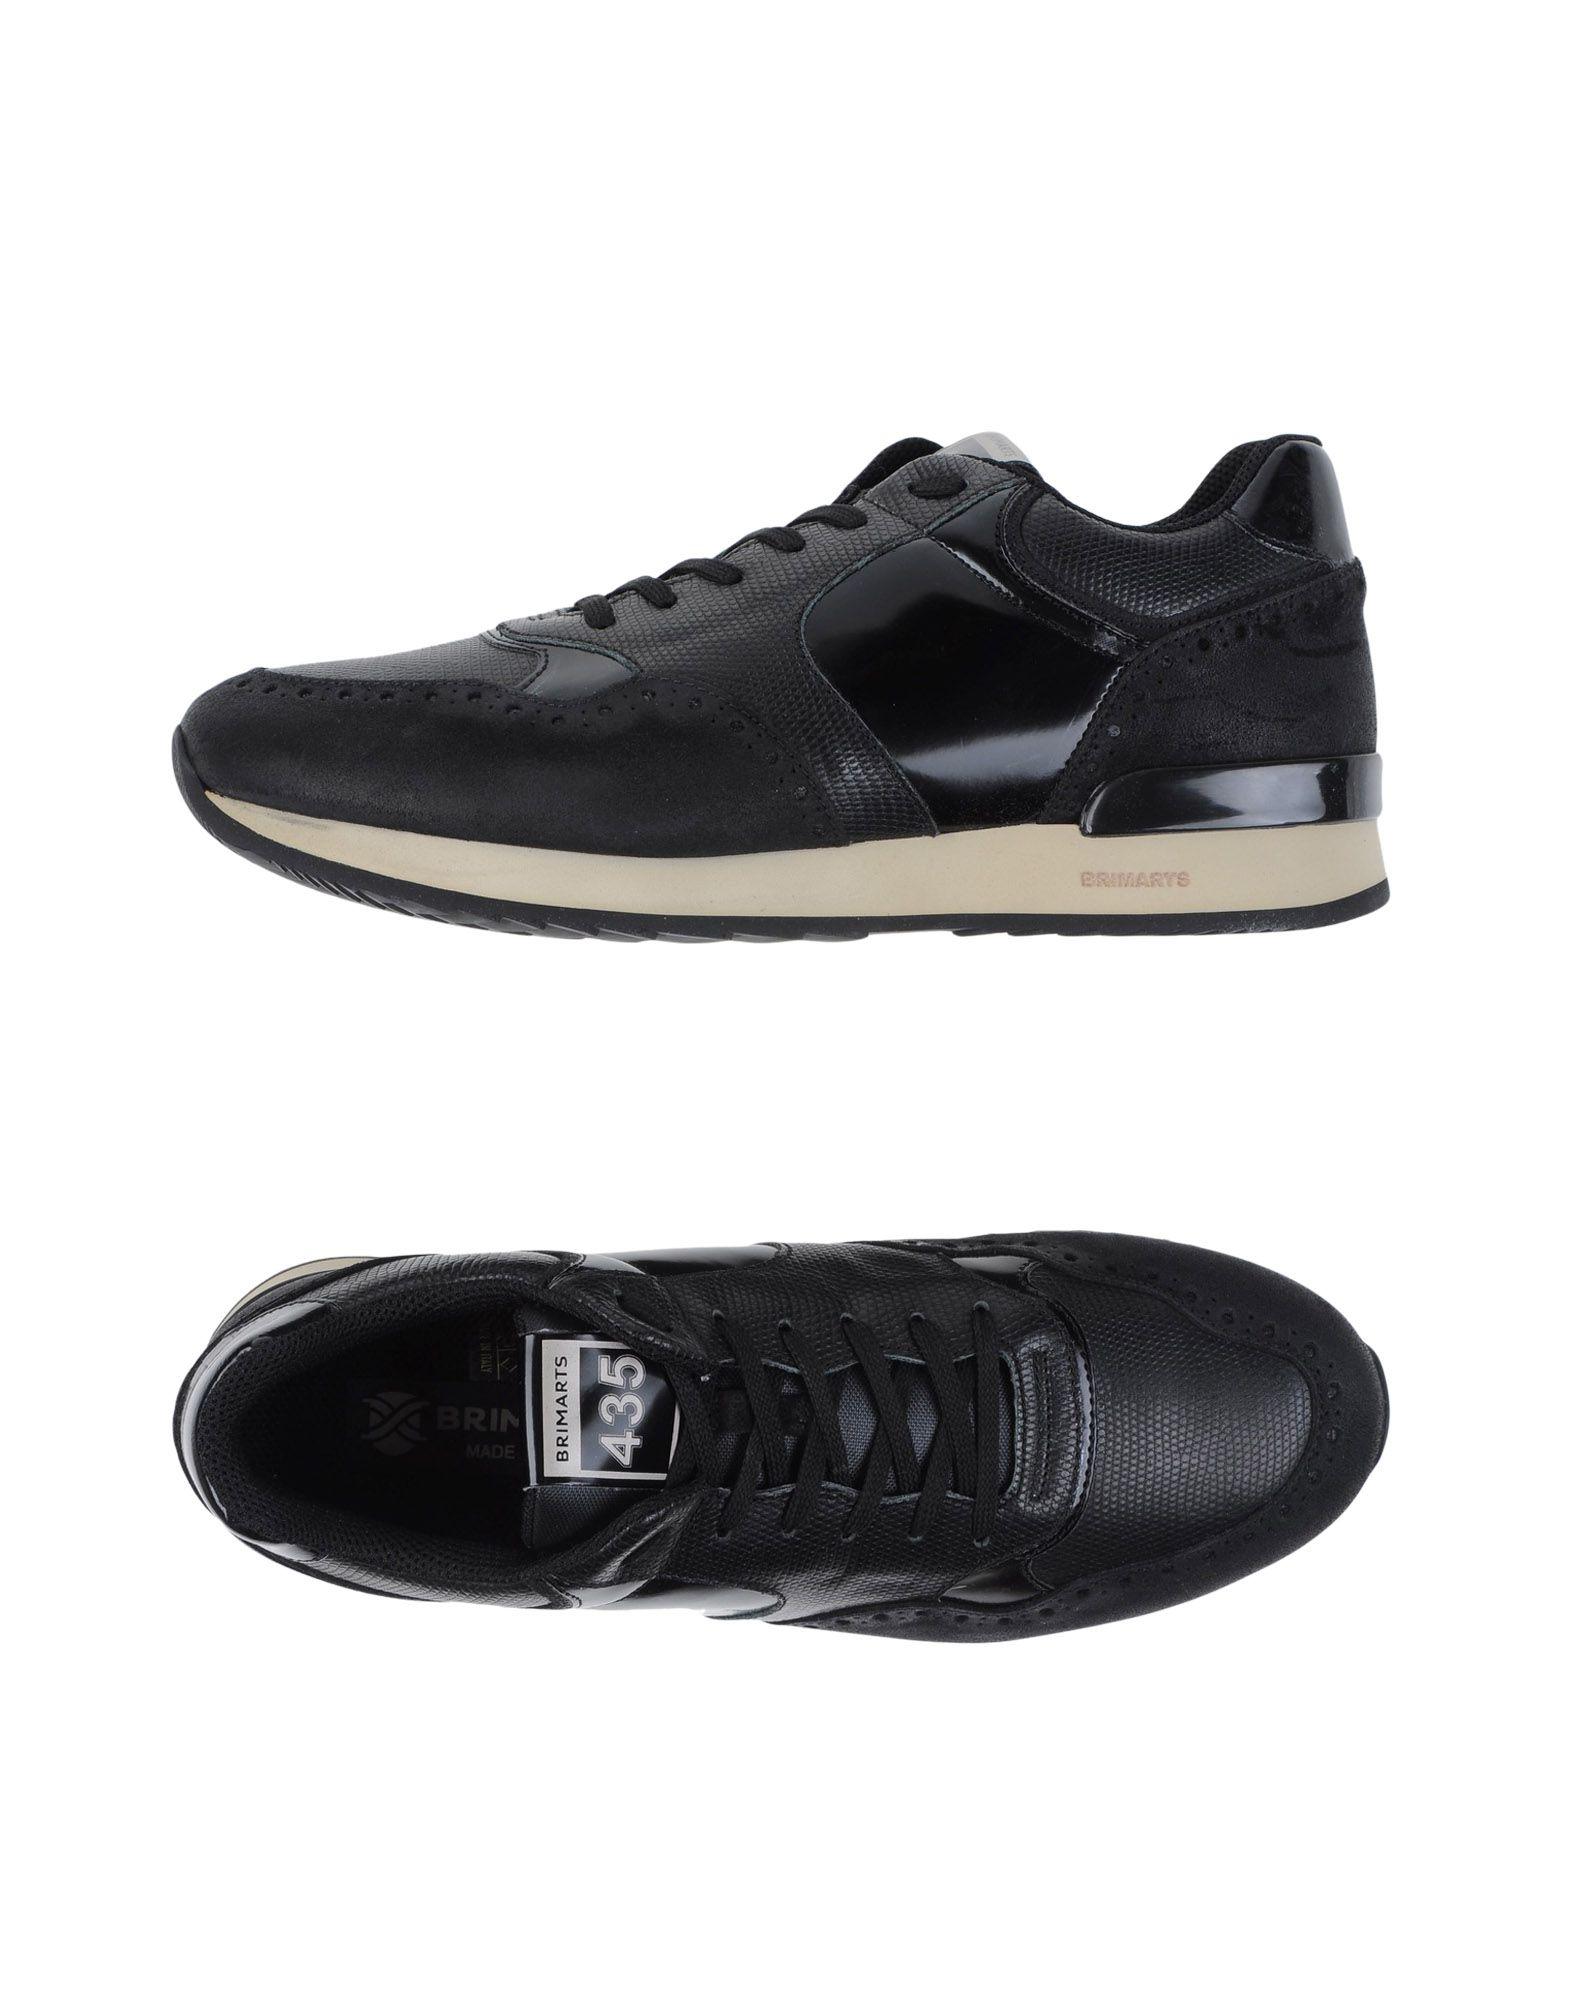 Moda Sneakers Brimarts Uomo - - Uomo 11024419FN 329084